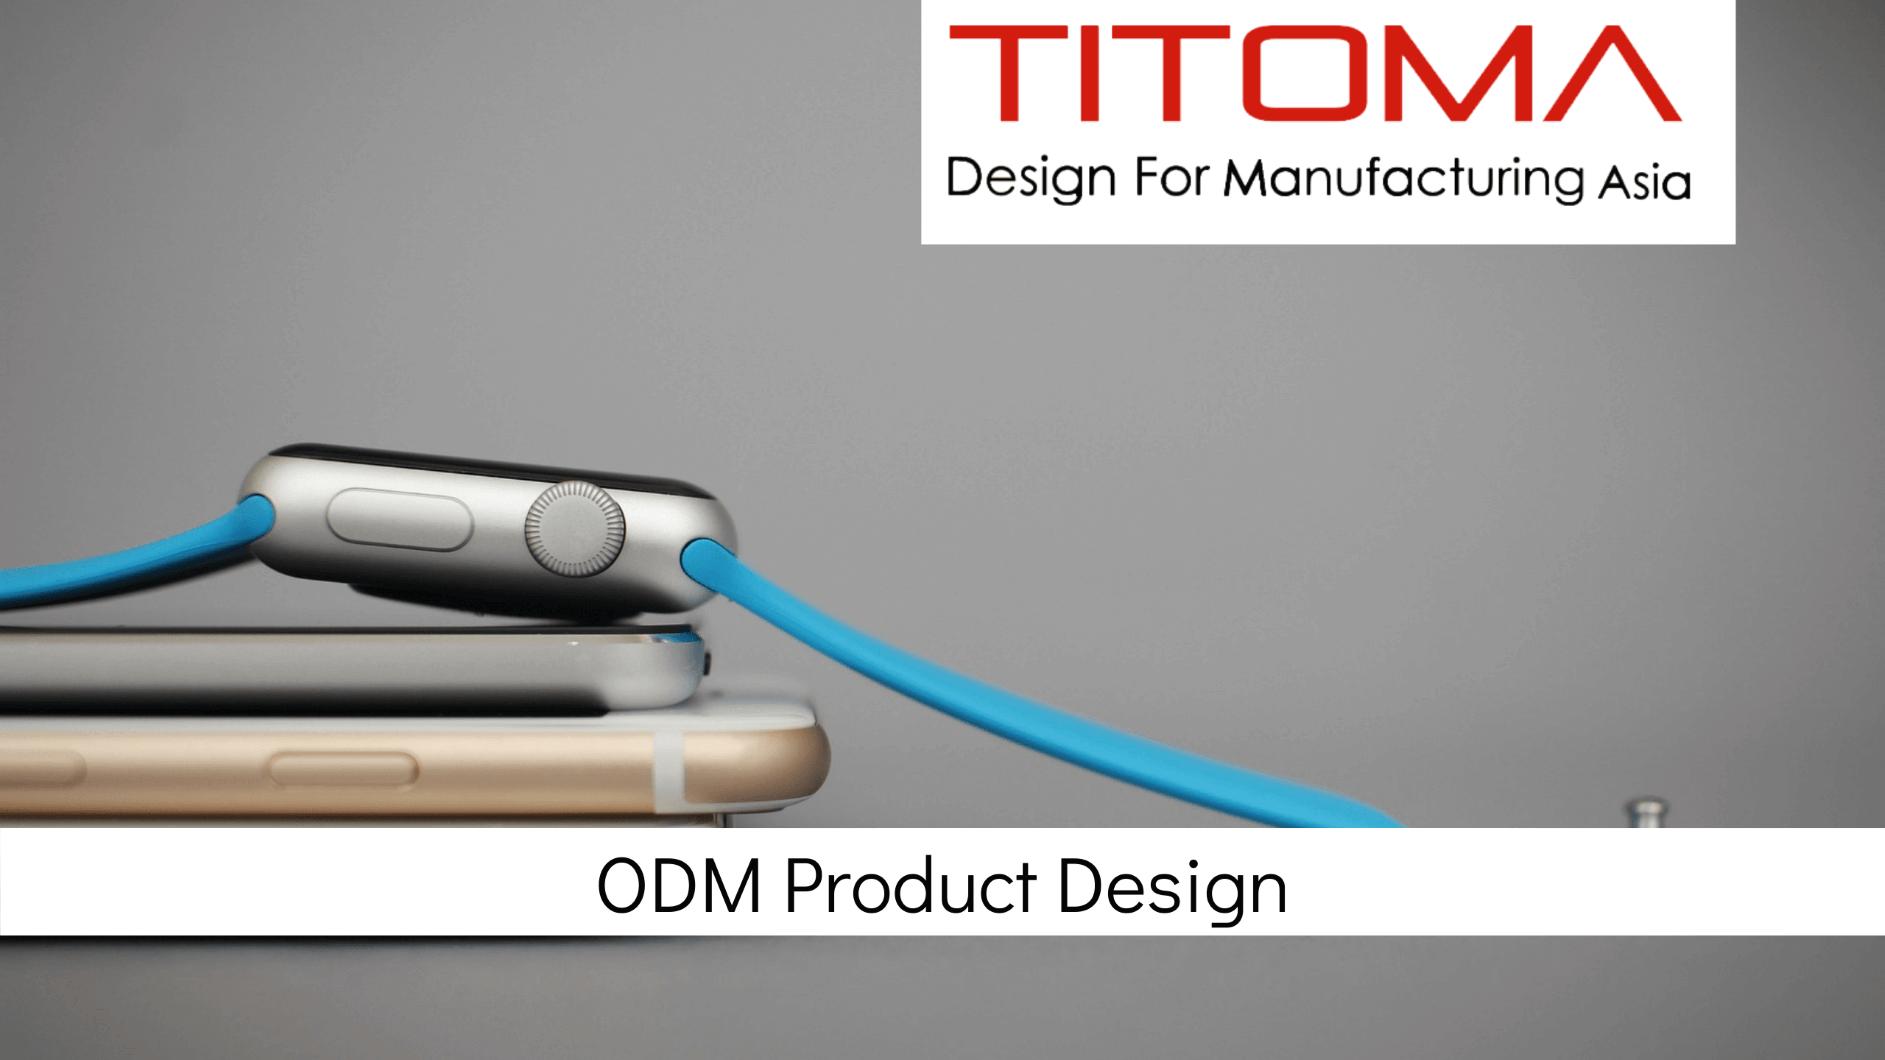 ODM Design